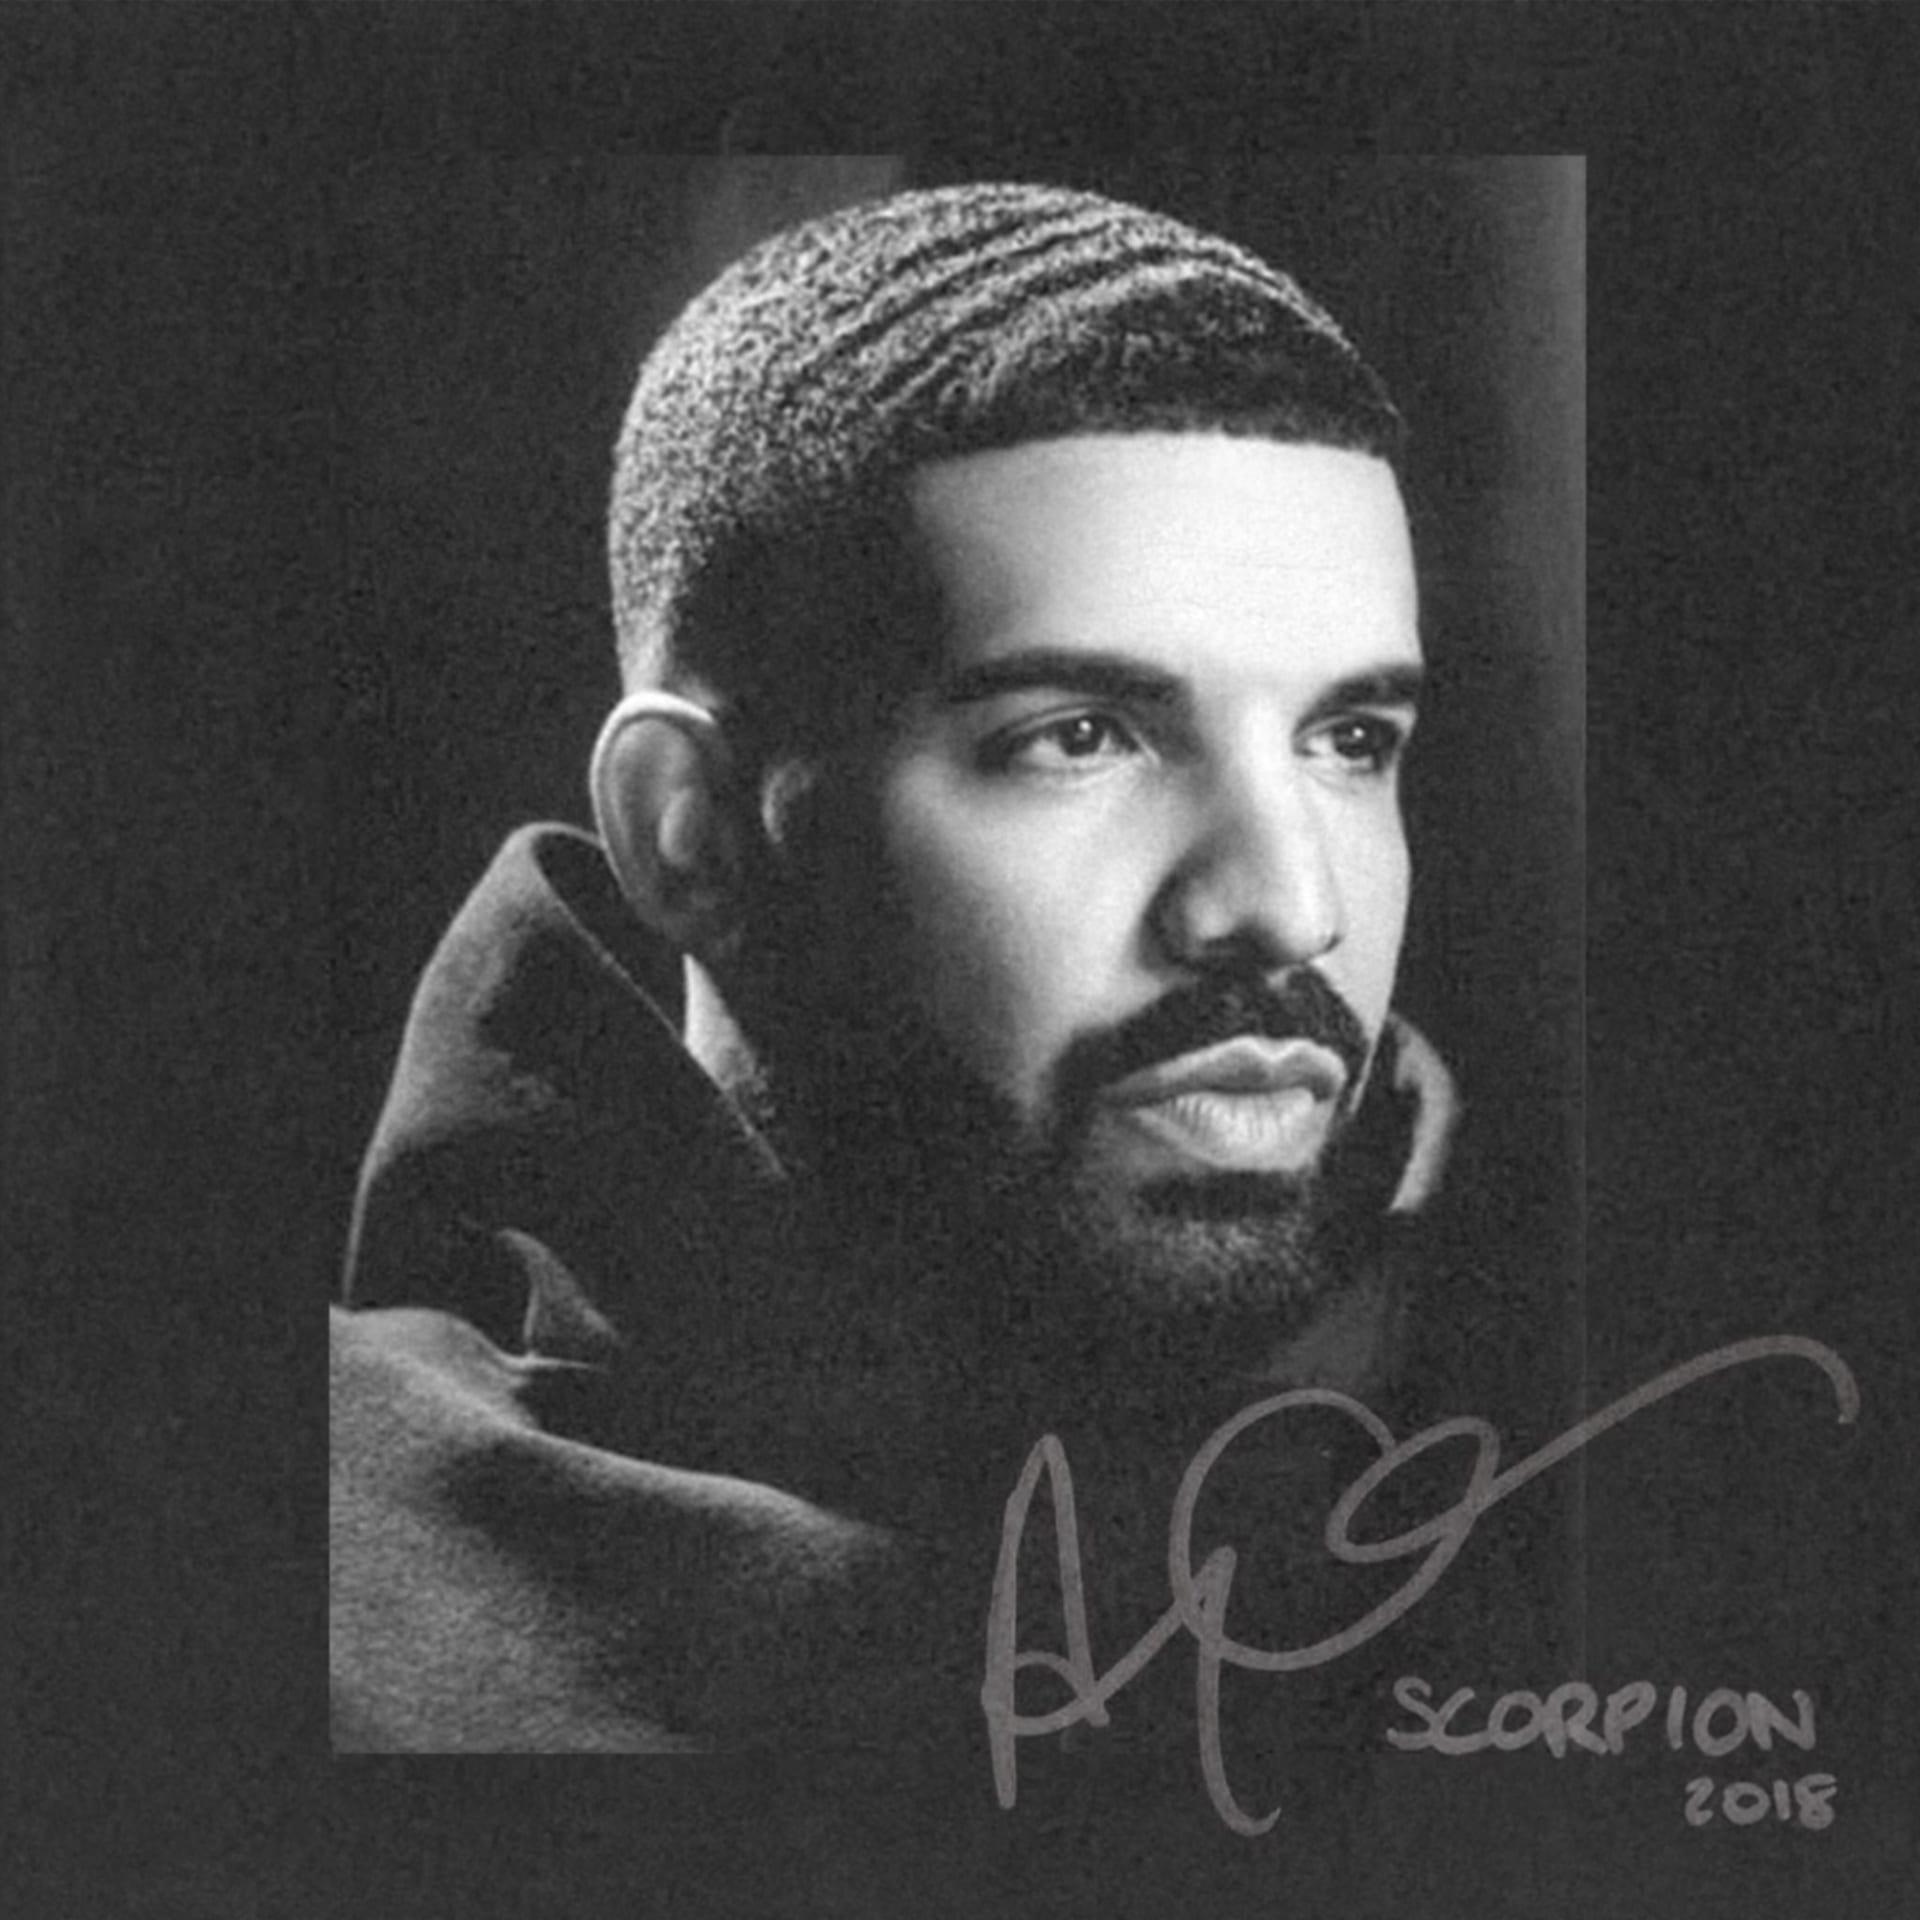 drake-scorpion-artwork